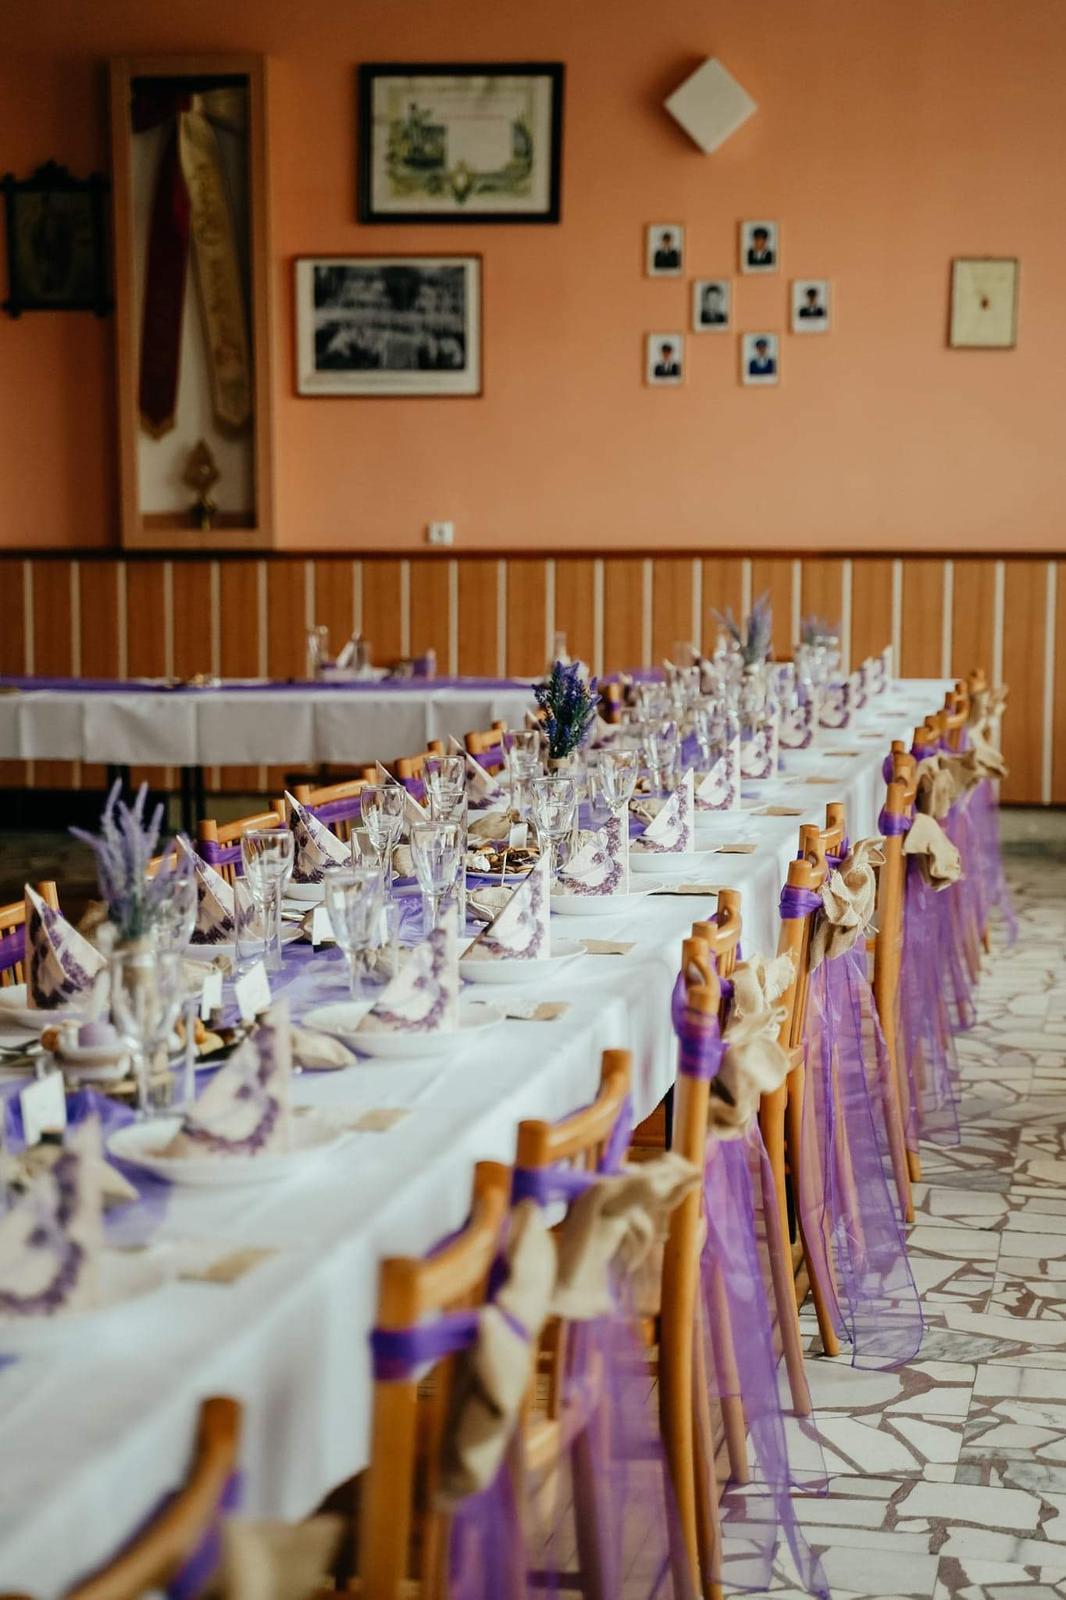 50x fialová mašle na židli - Obrázek č. 1